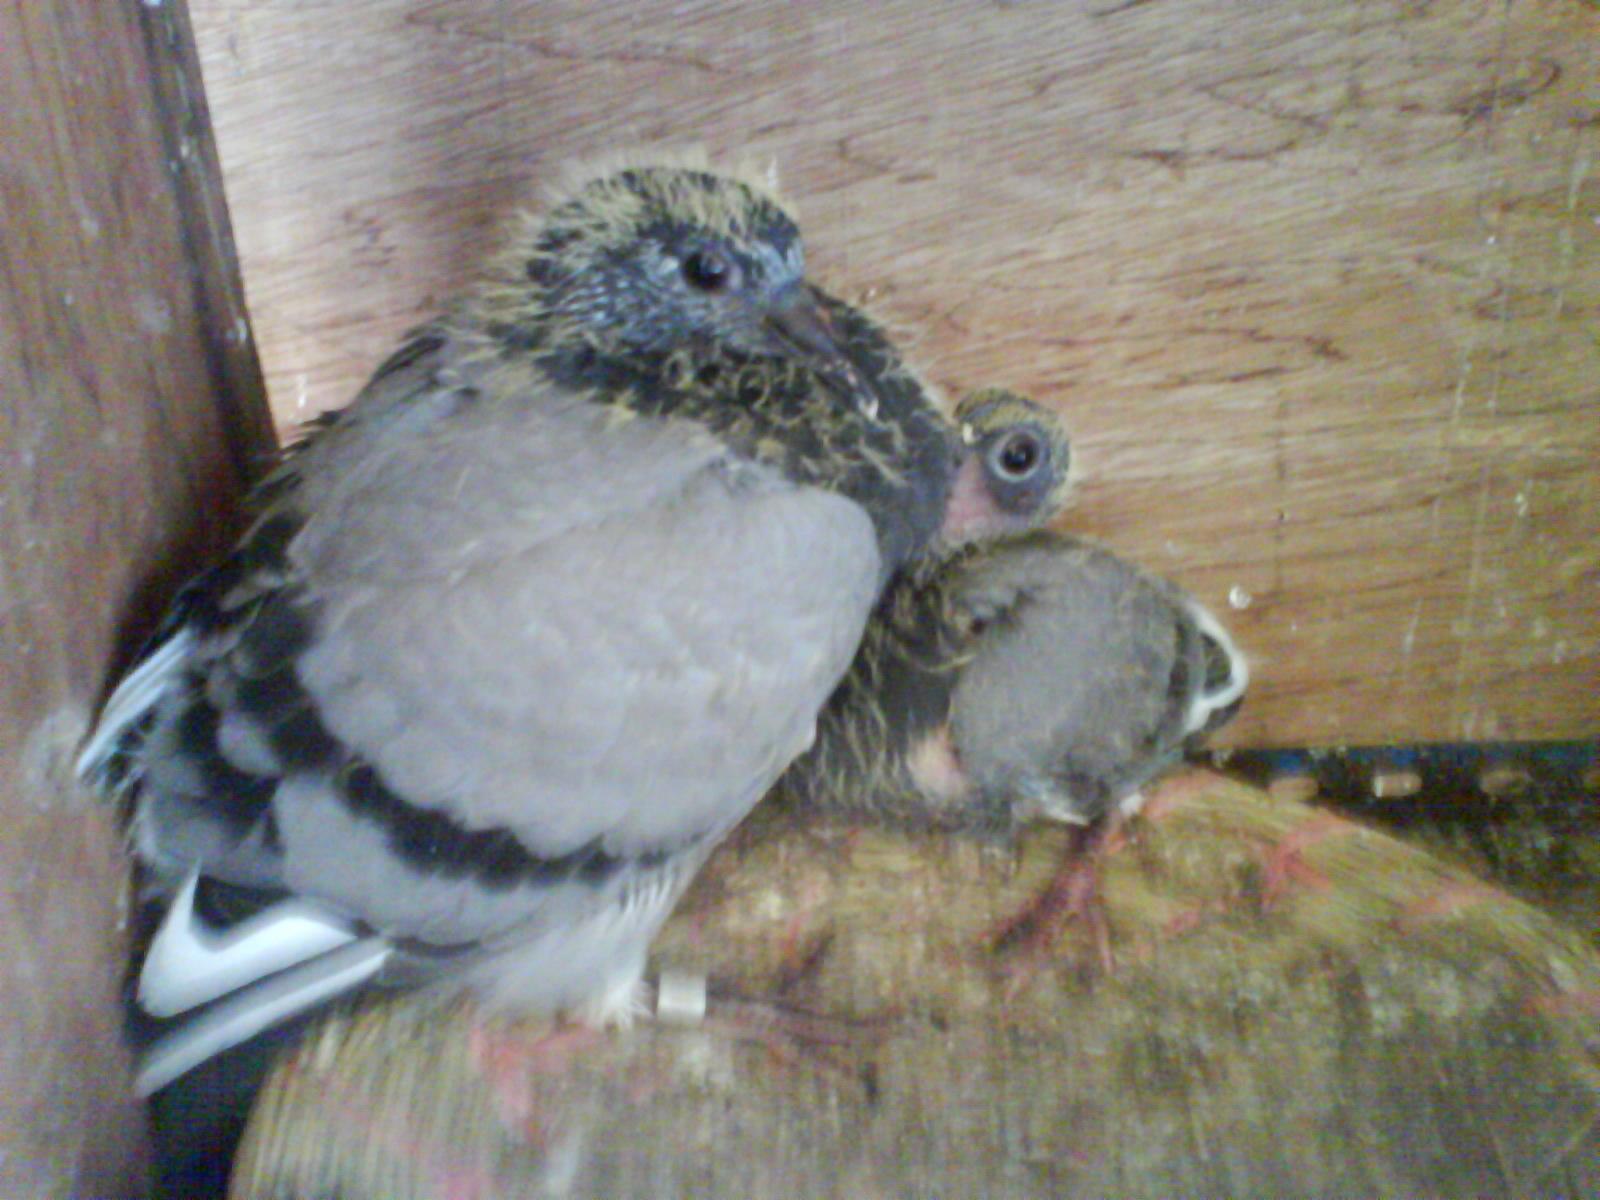 鸽子鸽蚊子鸟树林1600_1200梦到动物很多鸟类图片